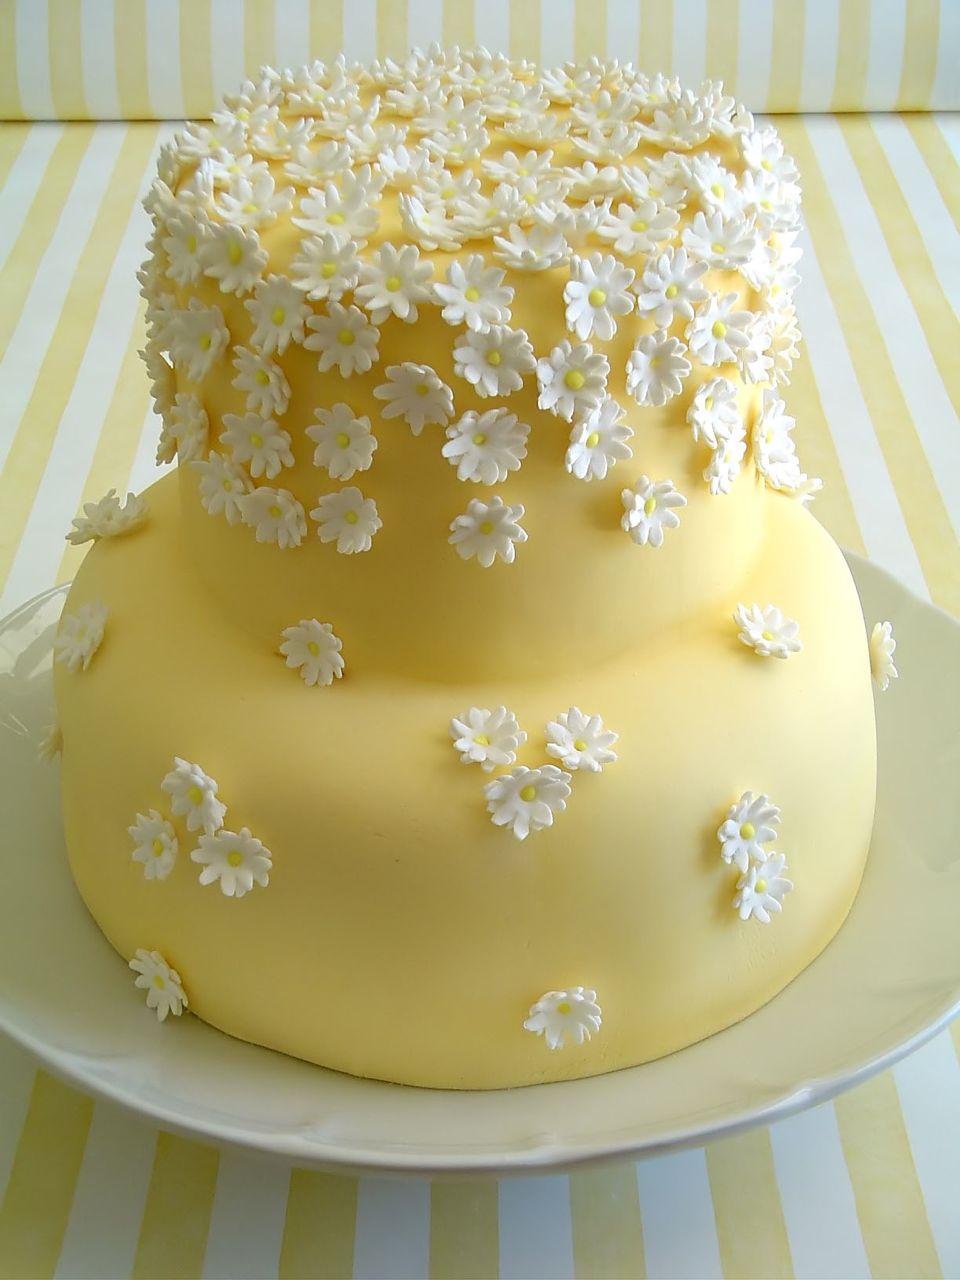 Torta de bodas margaritas.jpg